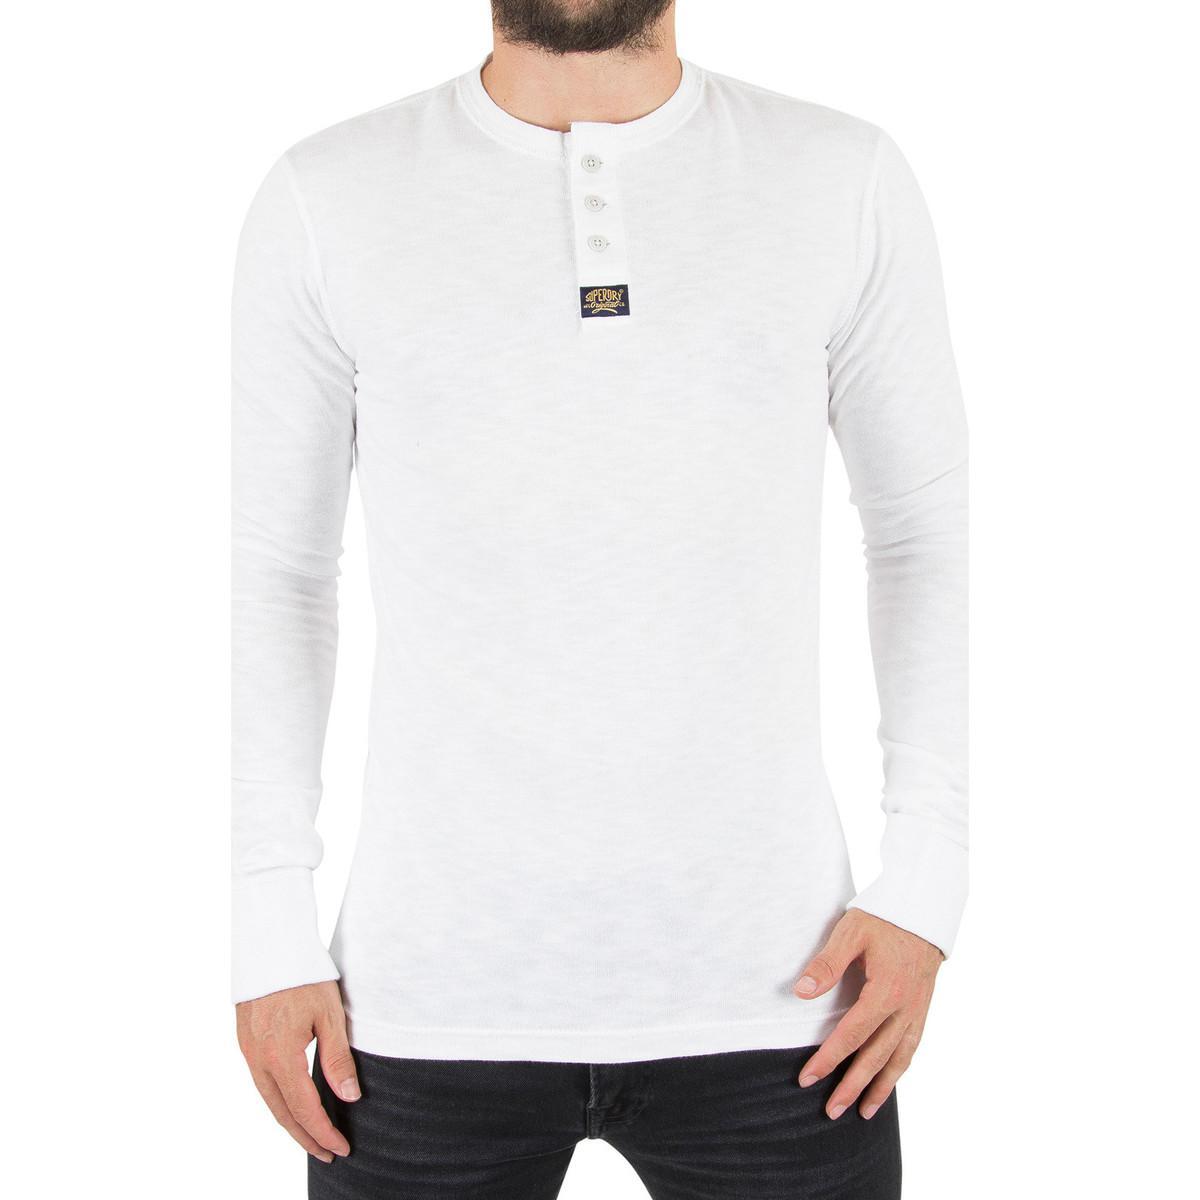 7eb6740ab769 Superdry Men's Heritage Longsleeved Grandad T-shirt, White Men's ...